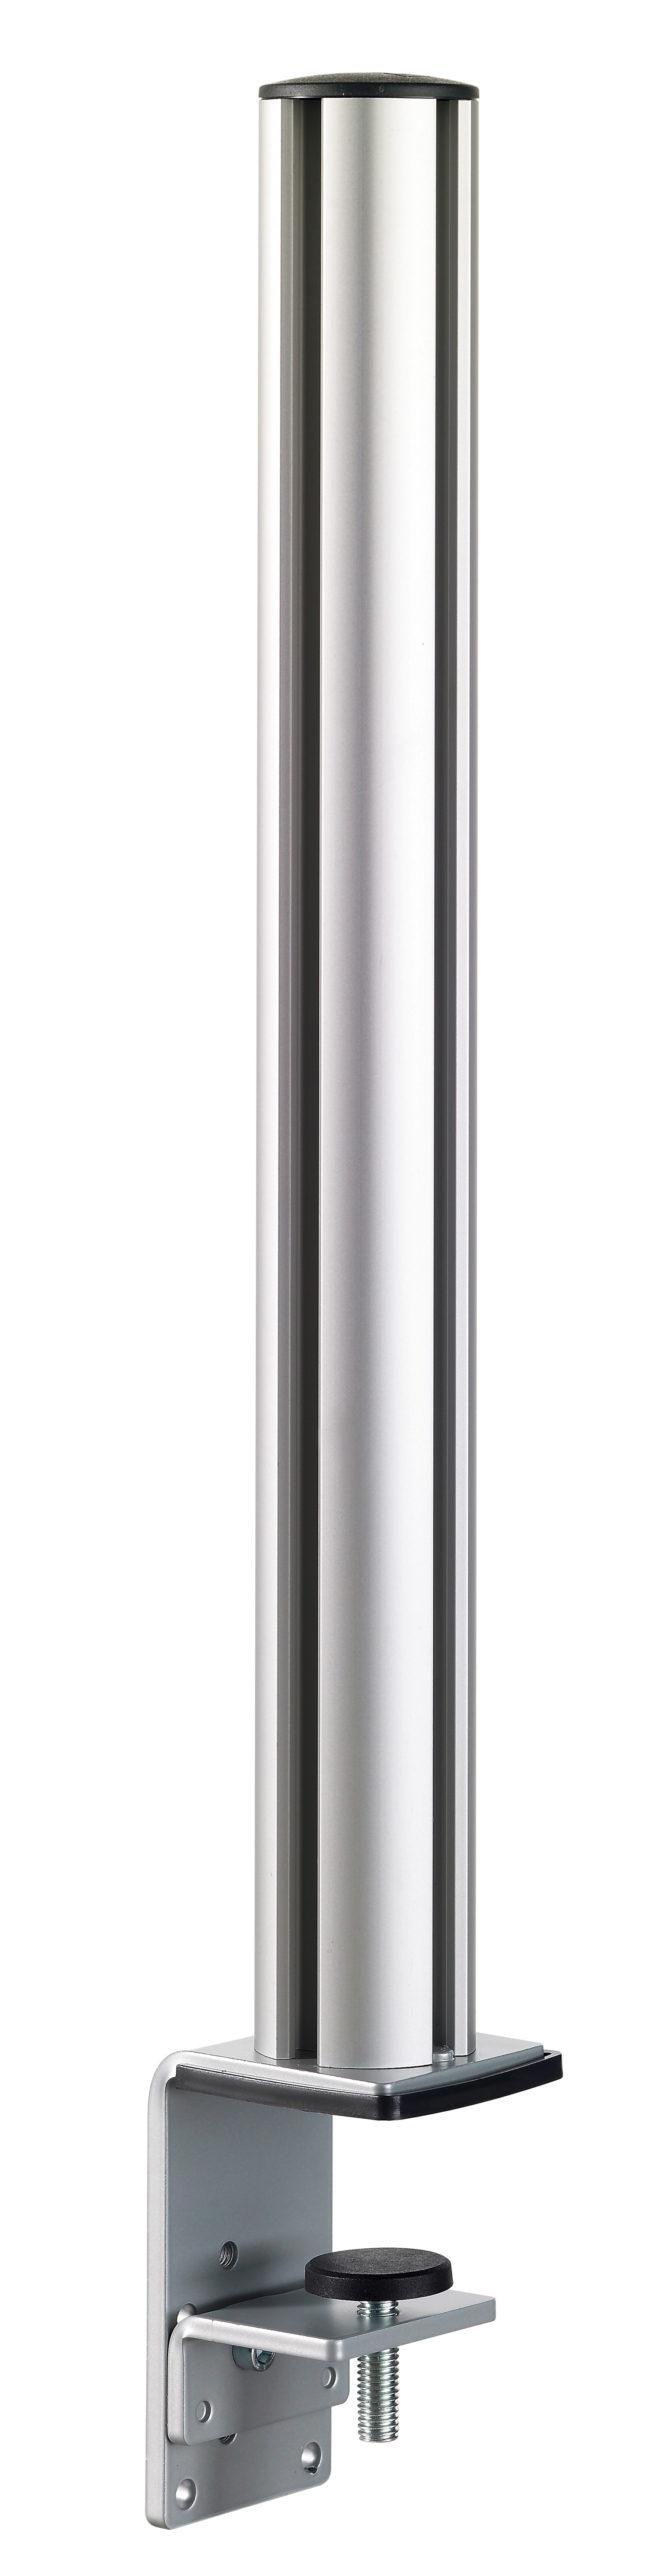 Novus TSS-Säule 545 mit Systemzwinge 2